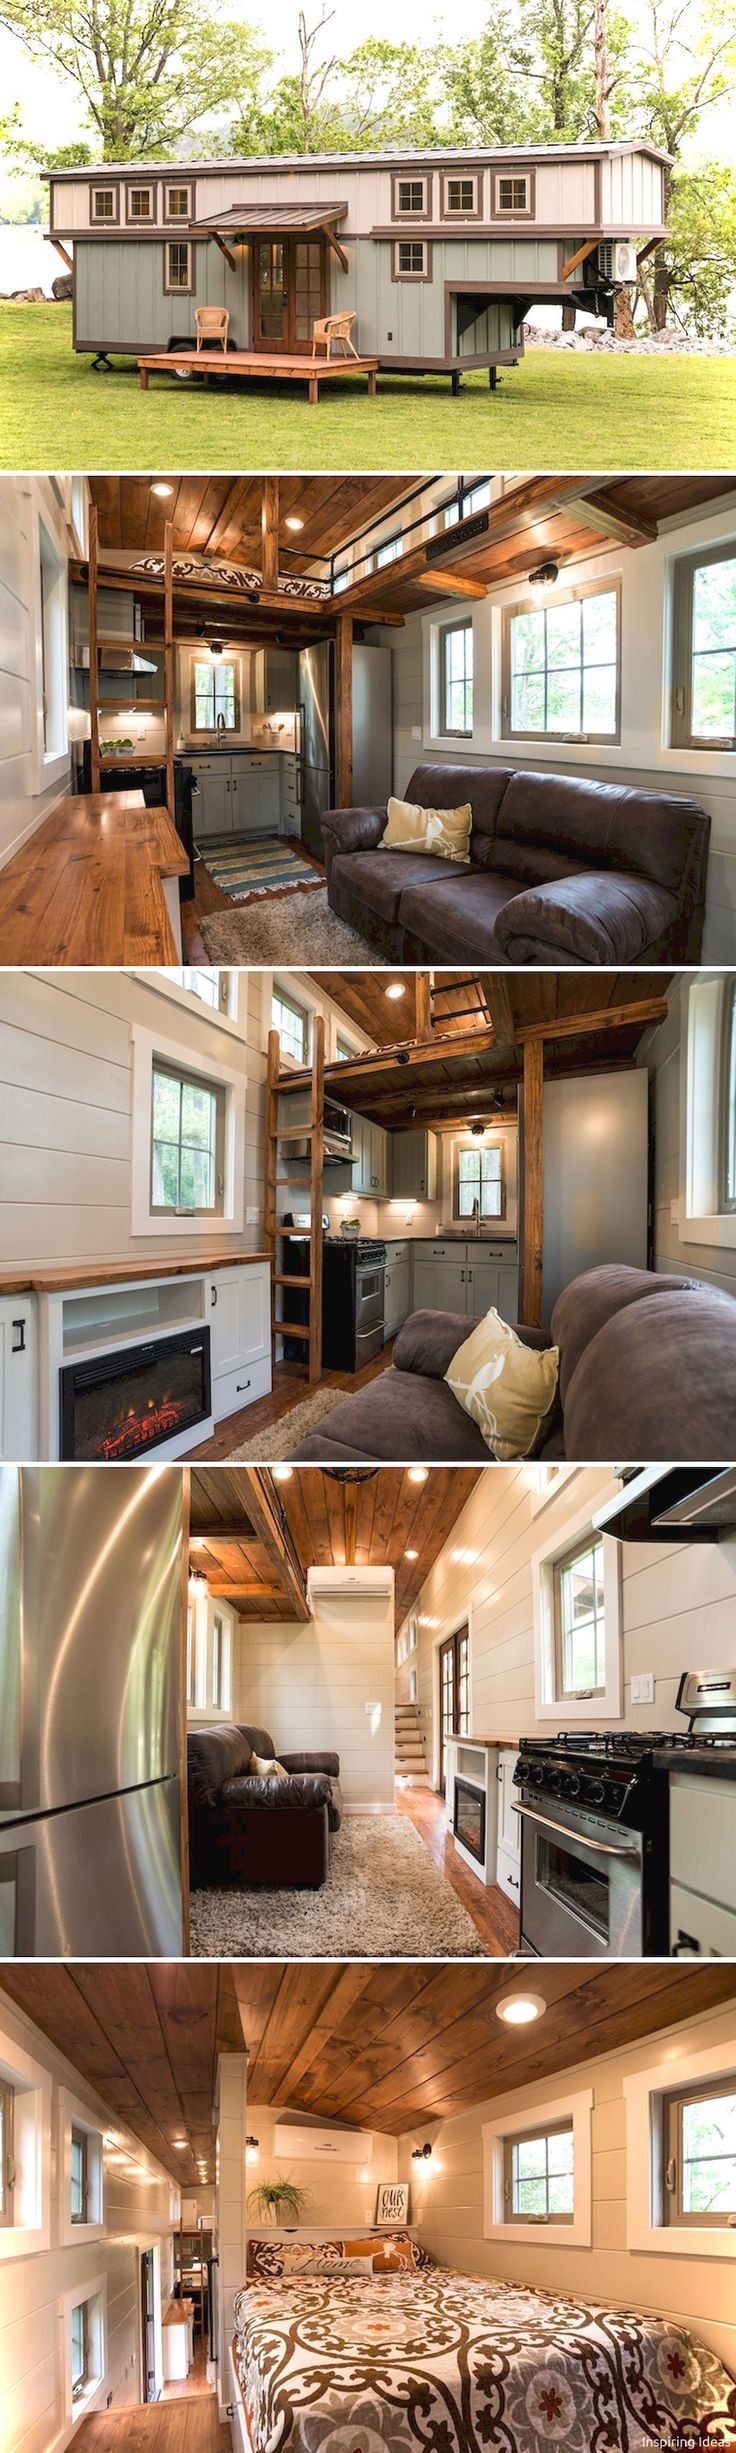 Tanler's little house